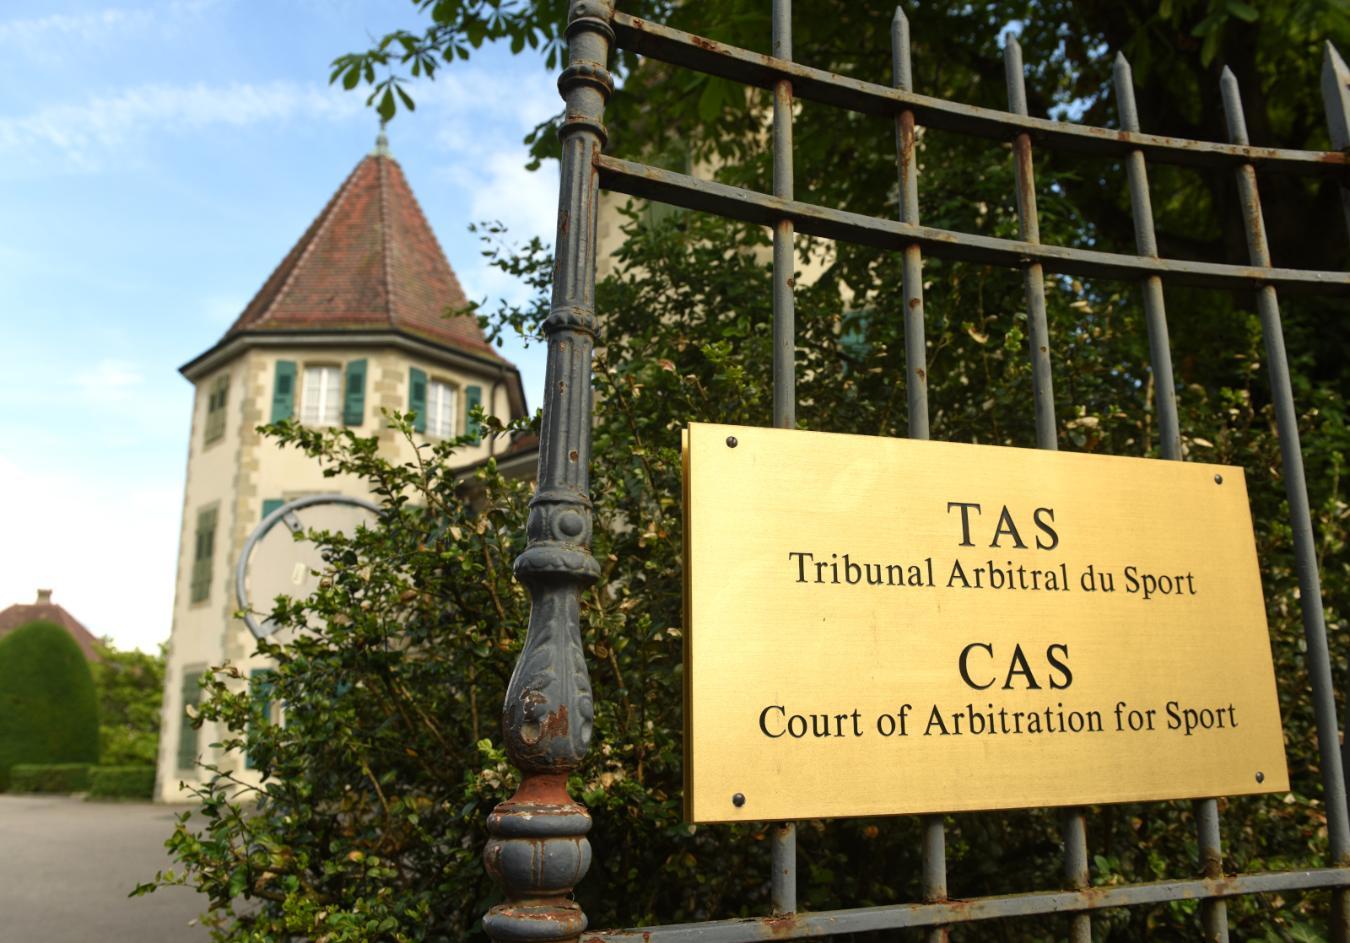 Επικύρωσε το CAS τον δεκαετή ευρωπαϊκό αποκλεισμό της Σκεντερμπέου για «στημένα»